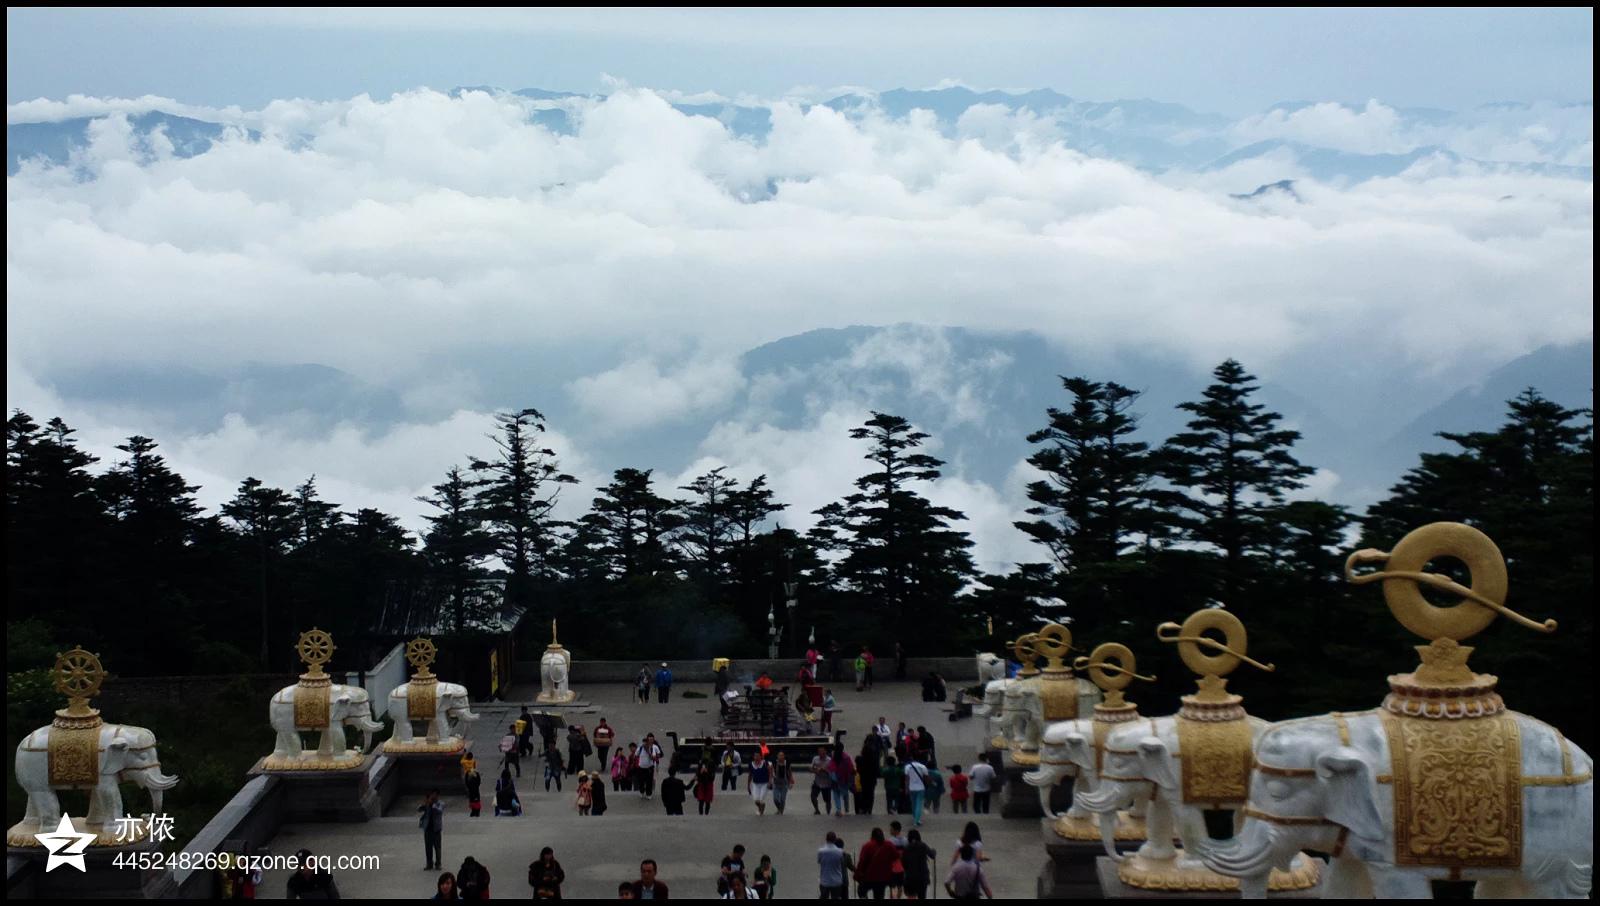 来敬香祈福吧!这里是四大佛山之一,也是普贤菩萨的道场,山中众多的寺庙,让这里充满了佛陀的气息。也许是沾了灵气的缘故,山中的景色也是极美的,四季各有美景可看。此外,山中的猴群,那是出名的凶悍。 峨眉山景区随海拔不同,分为低中高三个区。清音阁以下为低山区,植被茂密,气候与平原无异;清音阁至洗象池为中山区;洗象池以上为高山区,山上需携带保暖衣物。山中主要寺院和景点有:报国寺、伏虎寺、清音阁、洪椿坪、九十九道拐、金顶等。 游玩峨眉山,主要有两种方式:徒步、乘车。全程徒步的话,约需2-3天,需要极好的体力;乘车比较